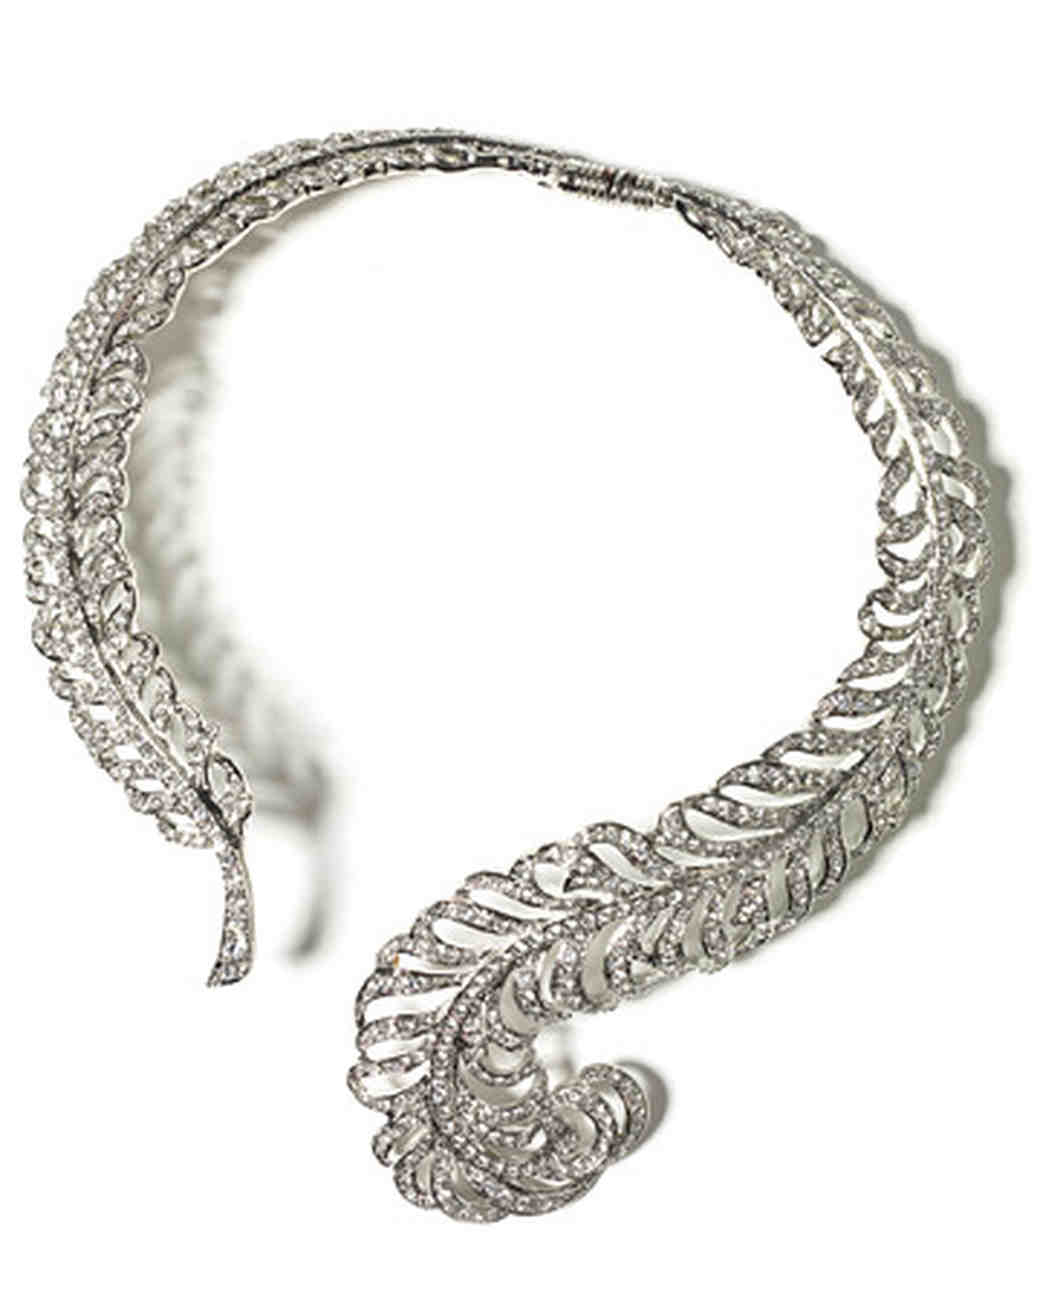 wd104606_spr09_jewelry46.jpg